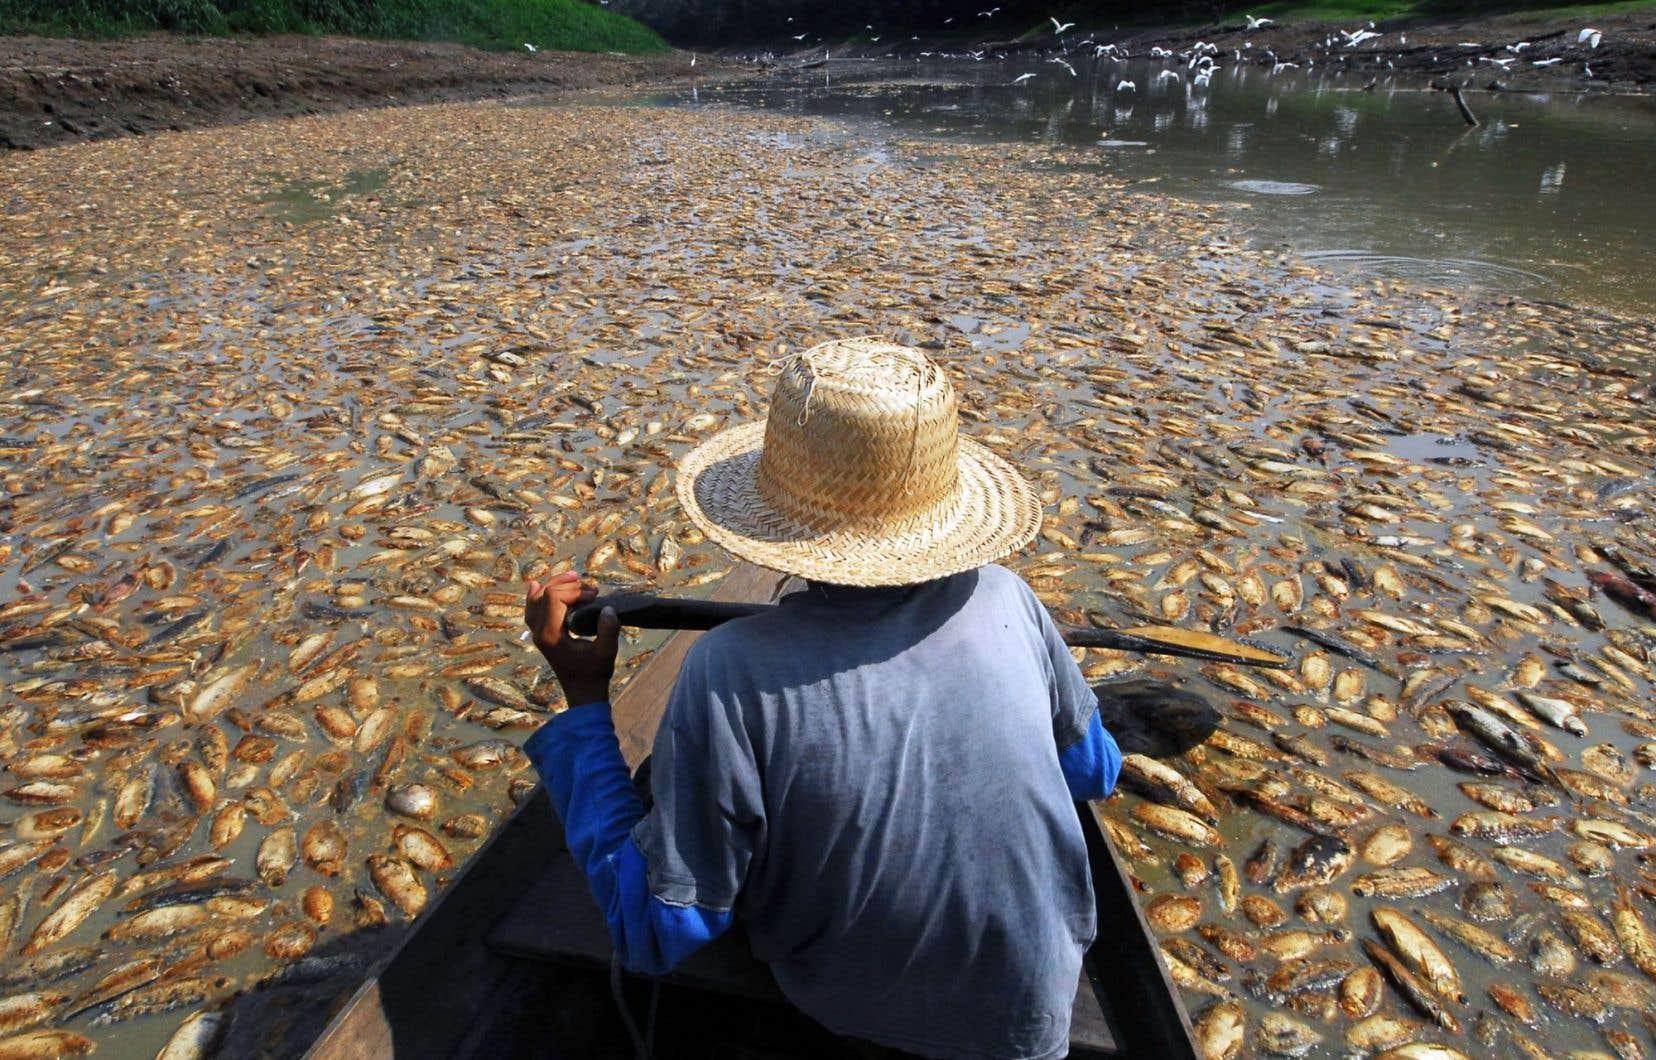 Un pêcheur brésilien constate le décès de milliers de poissons à Manaus, dans l'État d'Amazonas, au Brésil,en raison de la sécheresse sévère dans le bassin amazonien.